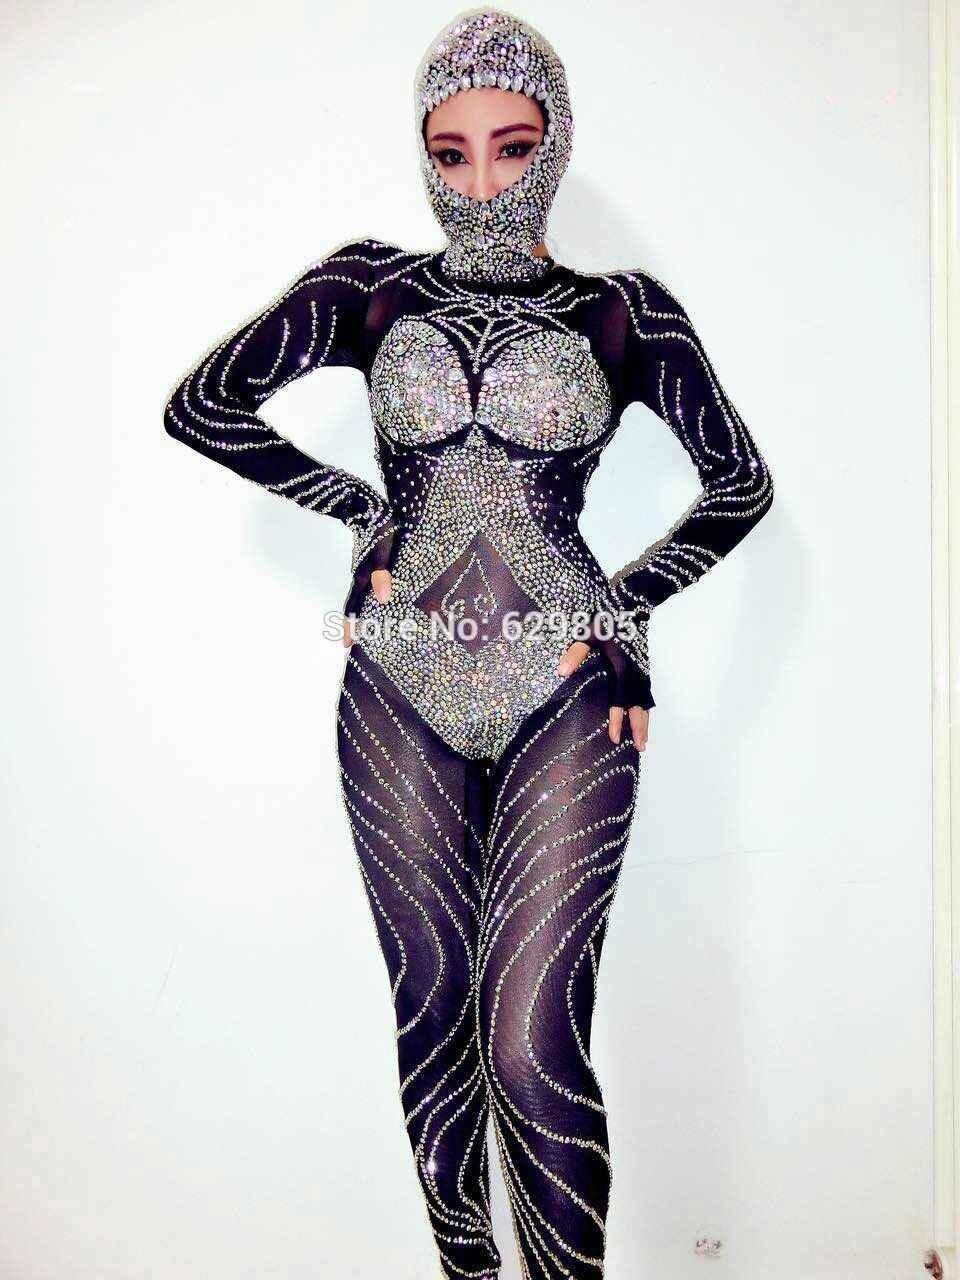 Новые модные блестящие черные стразы комбинезон Блестящий наряд блестящие пикантные головной убор Детский костюм для вечеринок тела костюмы Одежда для танцев